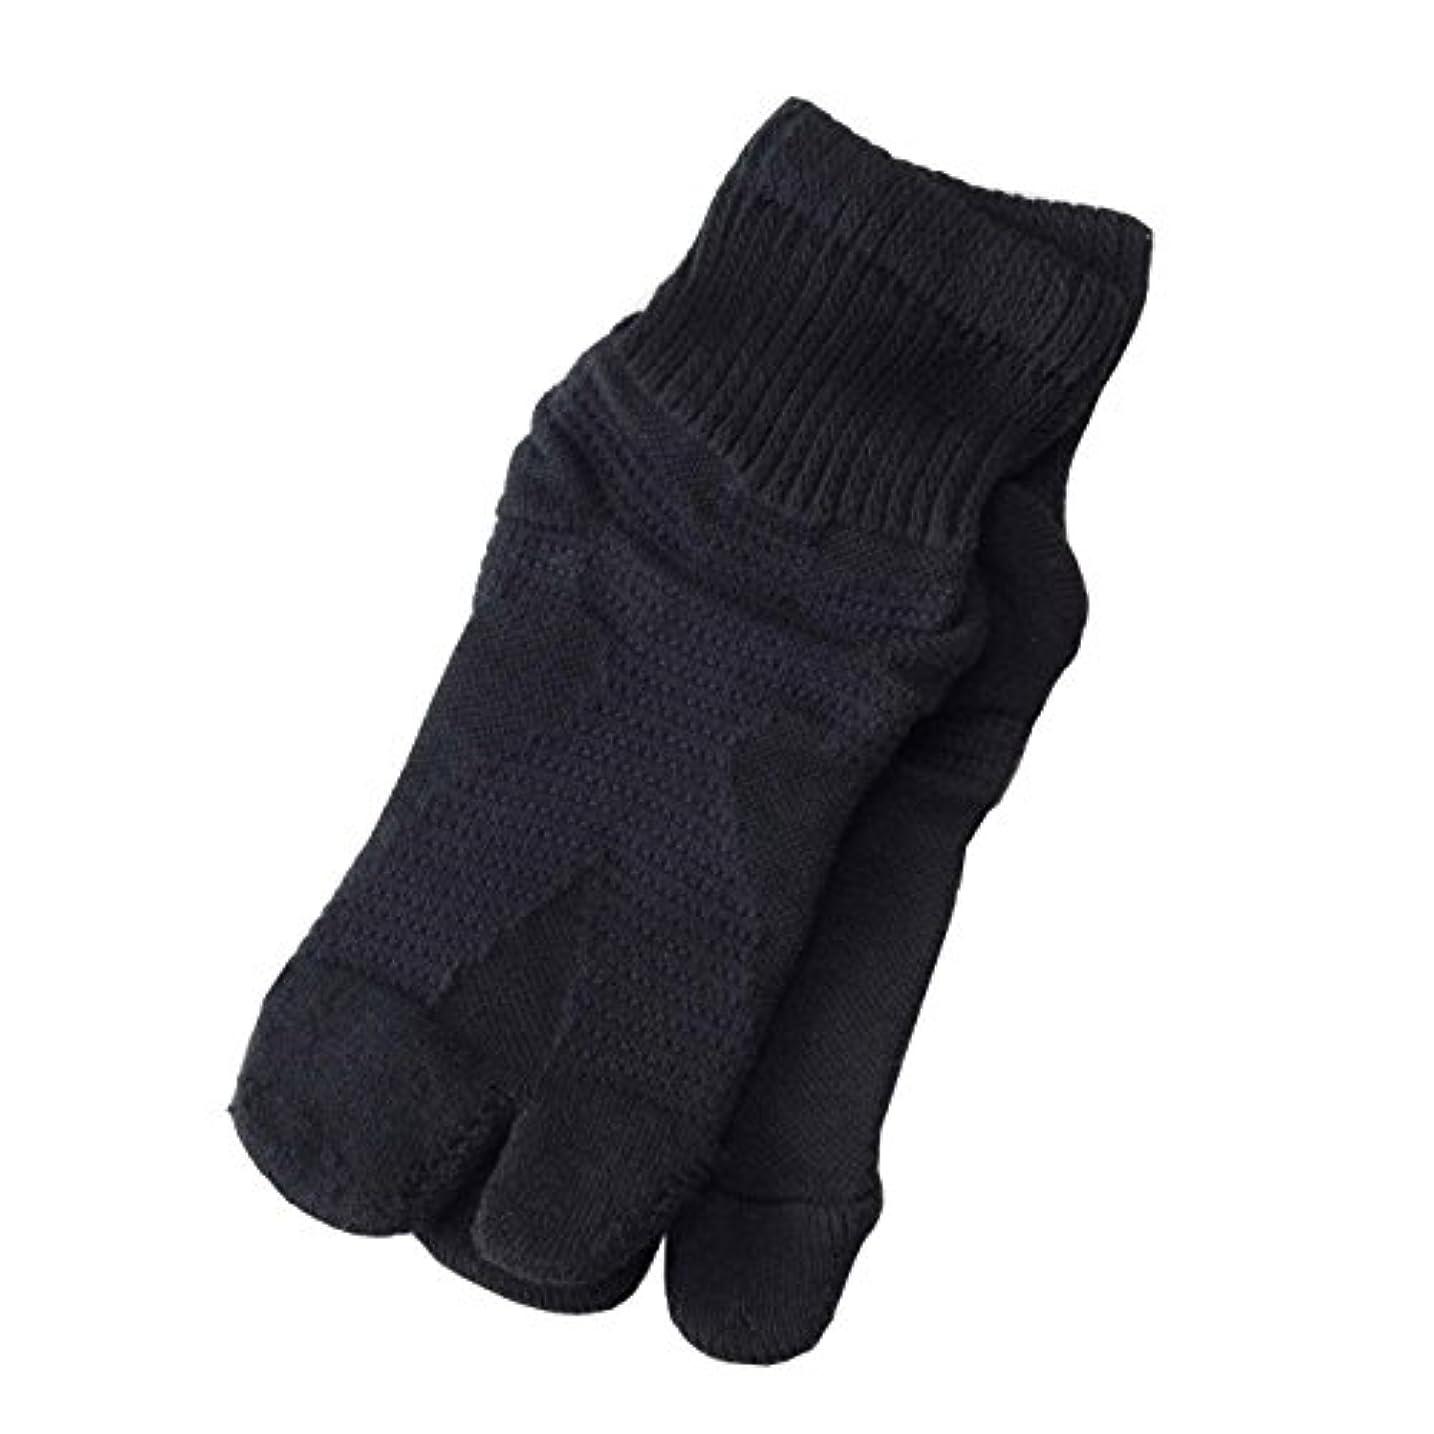 キャラクター統計的彼女【日本製】歩行サポート足袋ソックス (ブラック, 23~25cm)